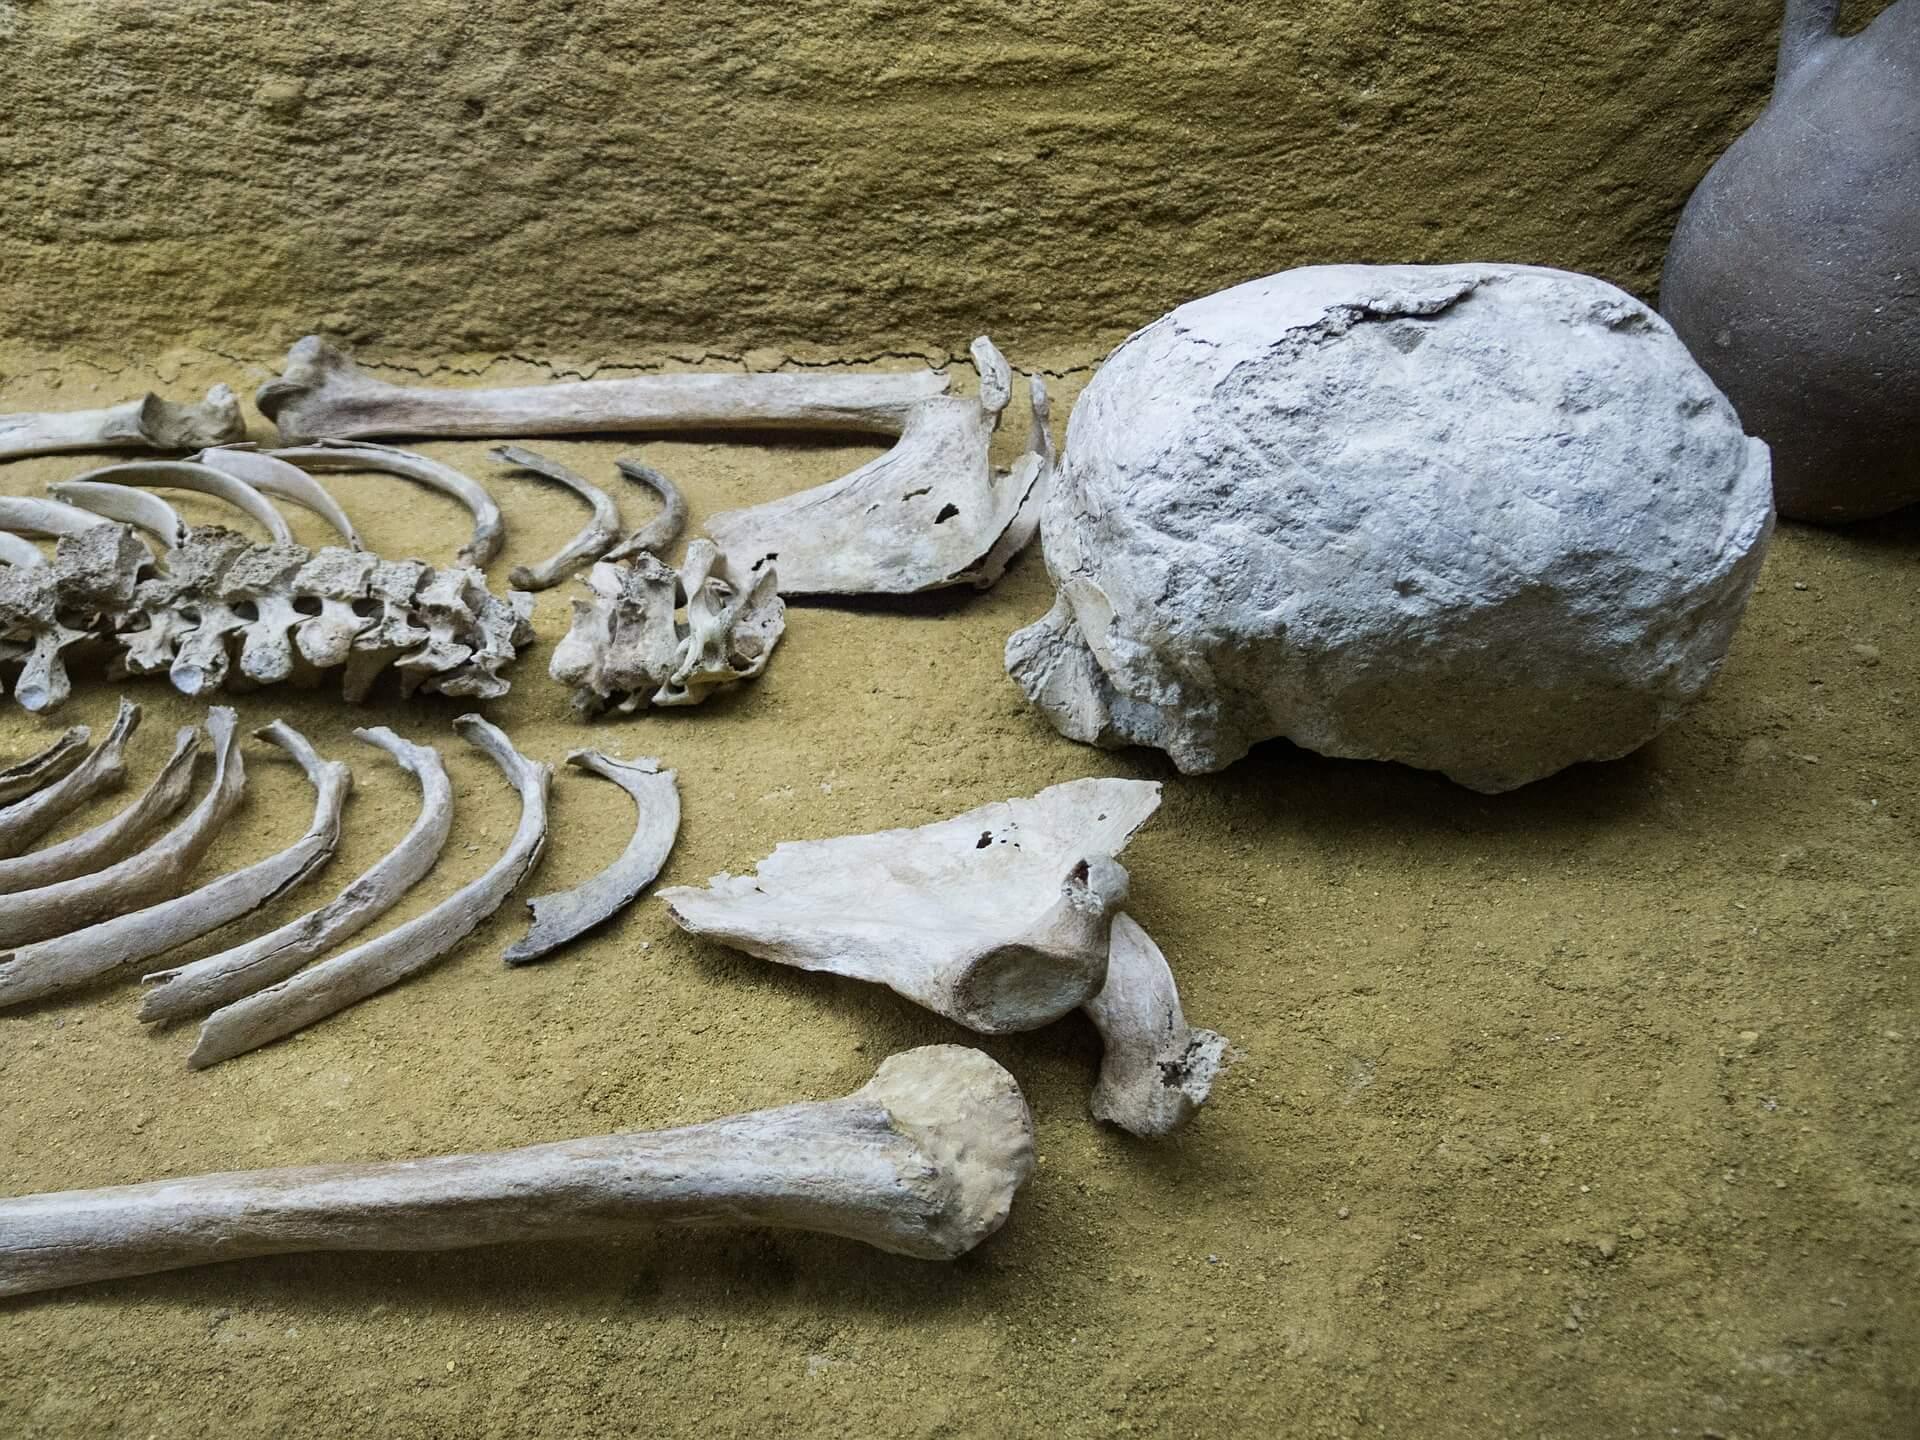 Skeleton bones on the floor of a burial site